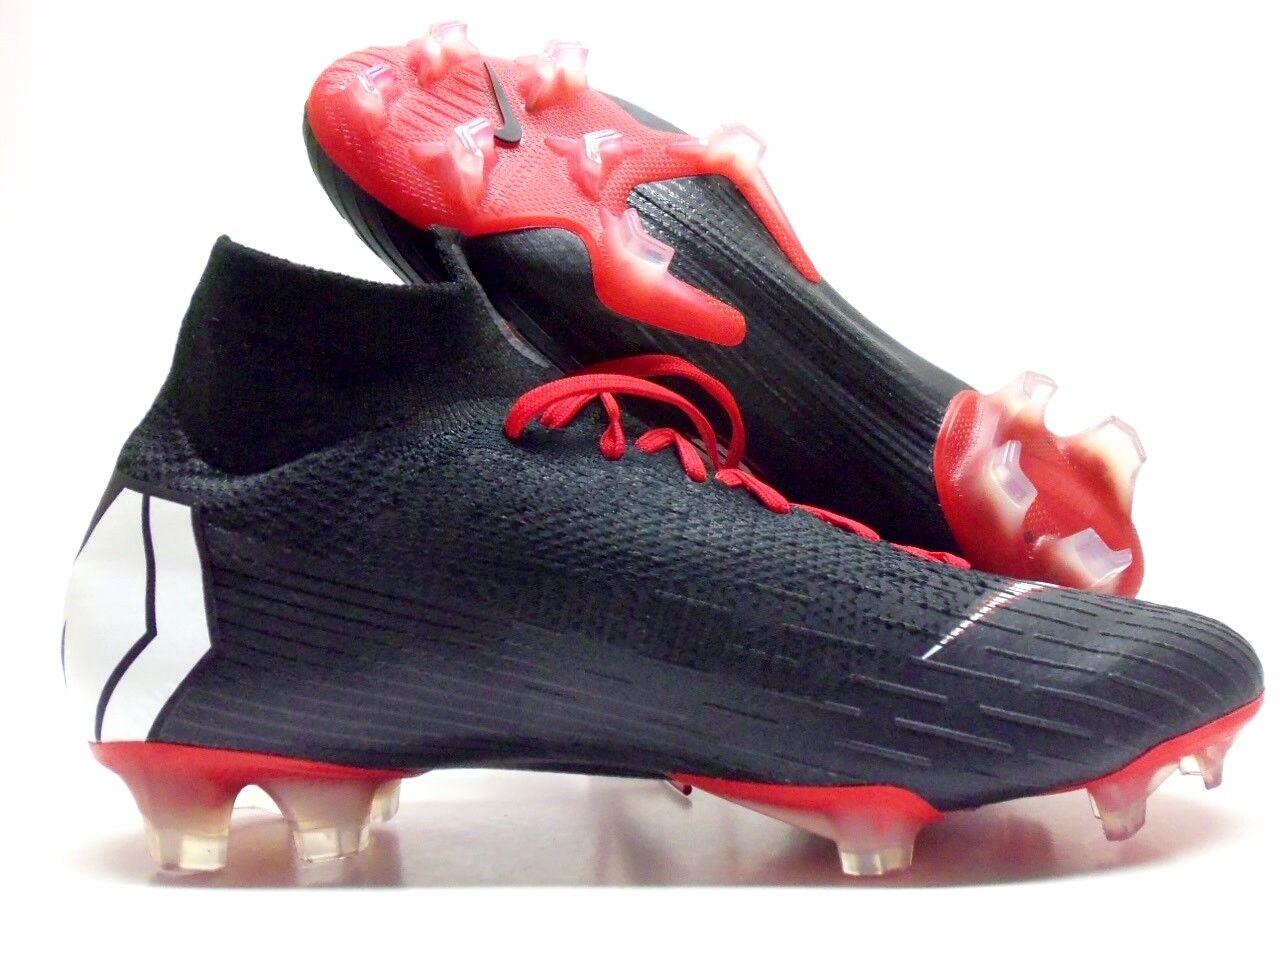 Nike superfly 360 calcio elite fg id acc calcio 360 galloccia nero / bianco uomini 7,5 [aq4857-991] 8186fe